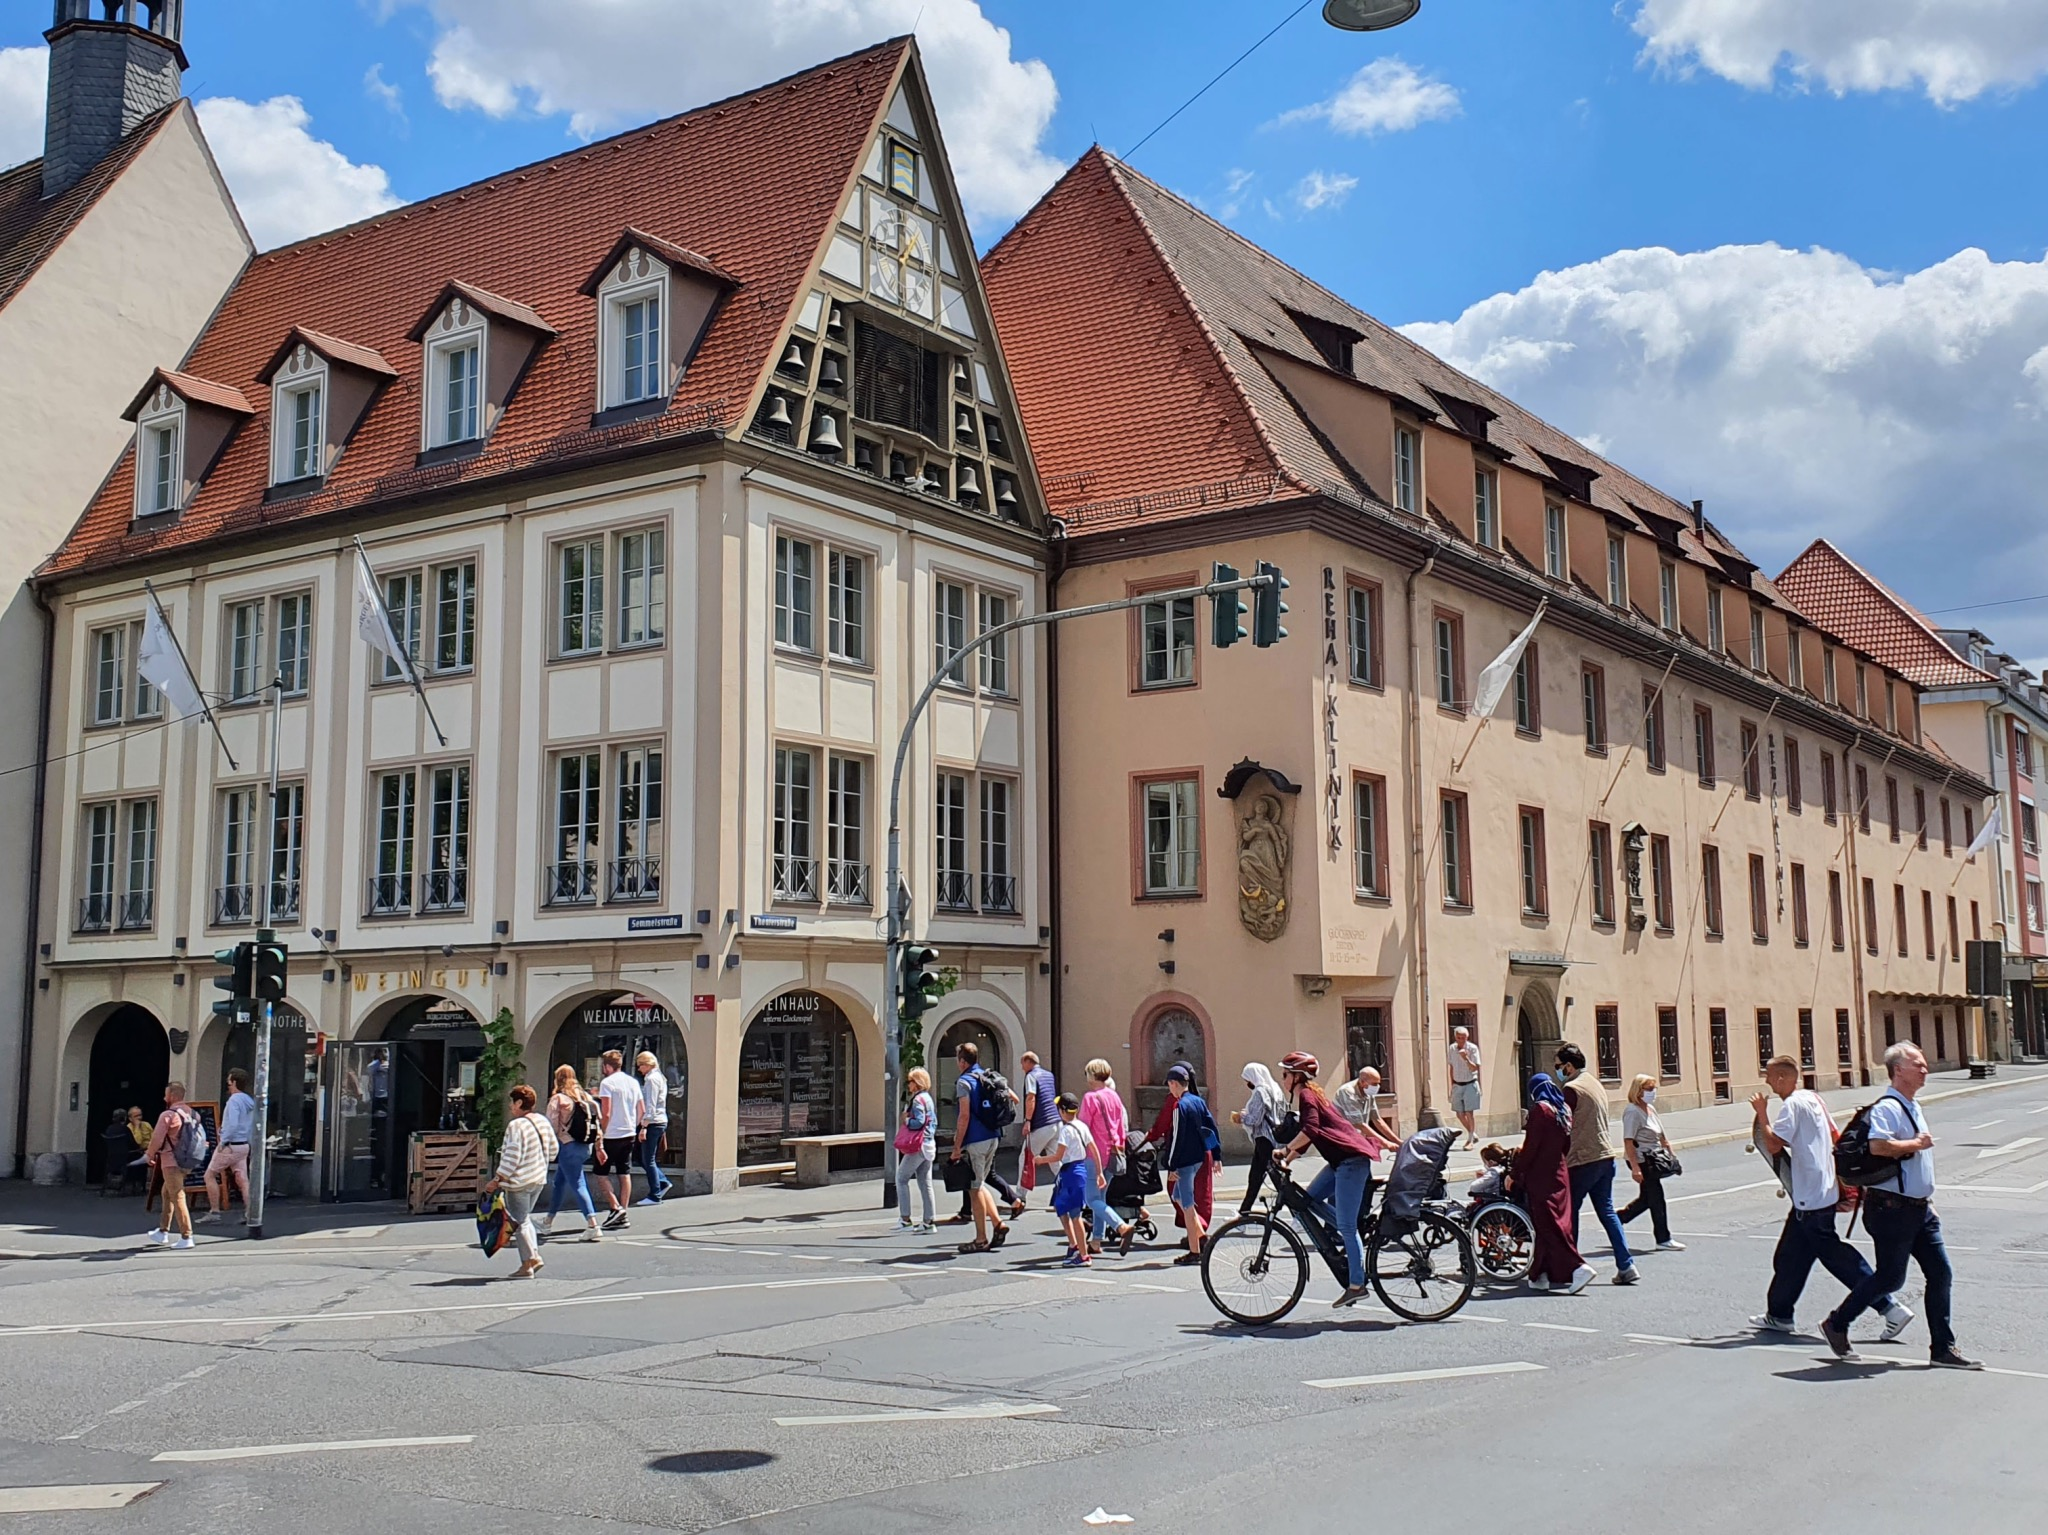 Das Glockenspiel am Bürgerspital an der Kreuzung Theaterstraße/Semmelstraße. Foto: Jacob Grimm